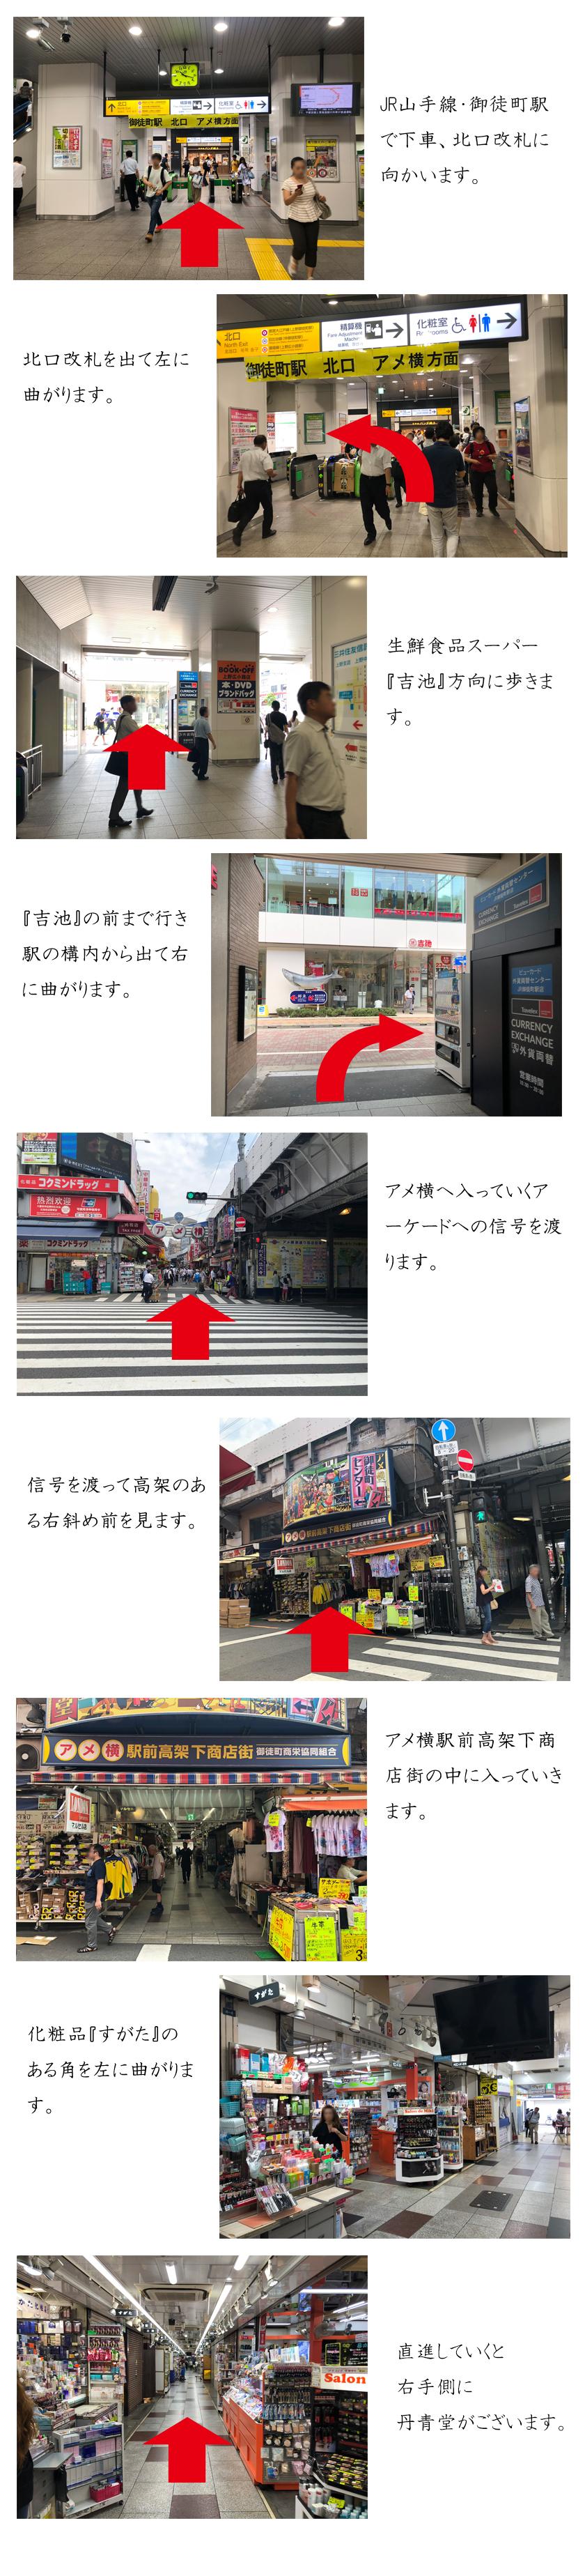 東京店経路